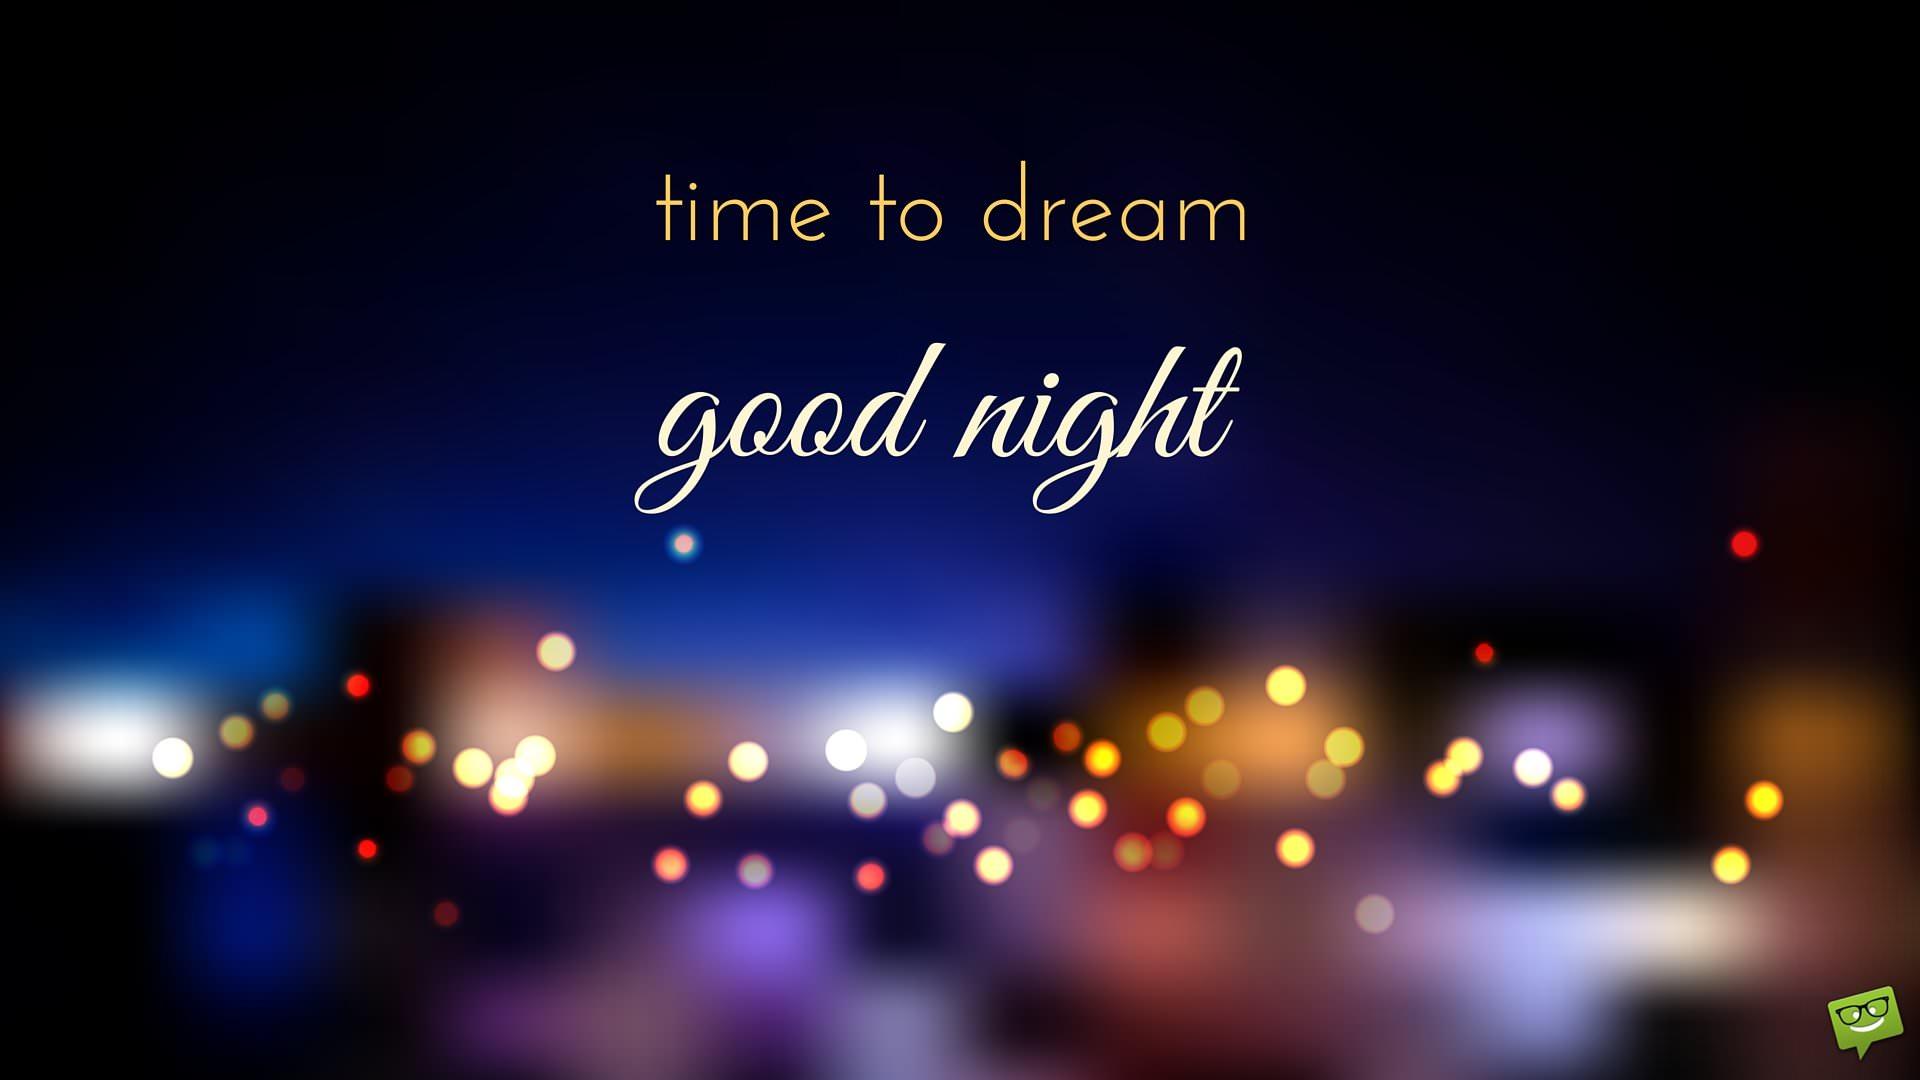 Ảnh chúc bé ngủ ngon time to dream